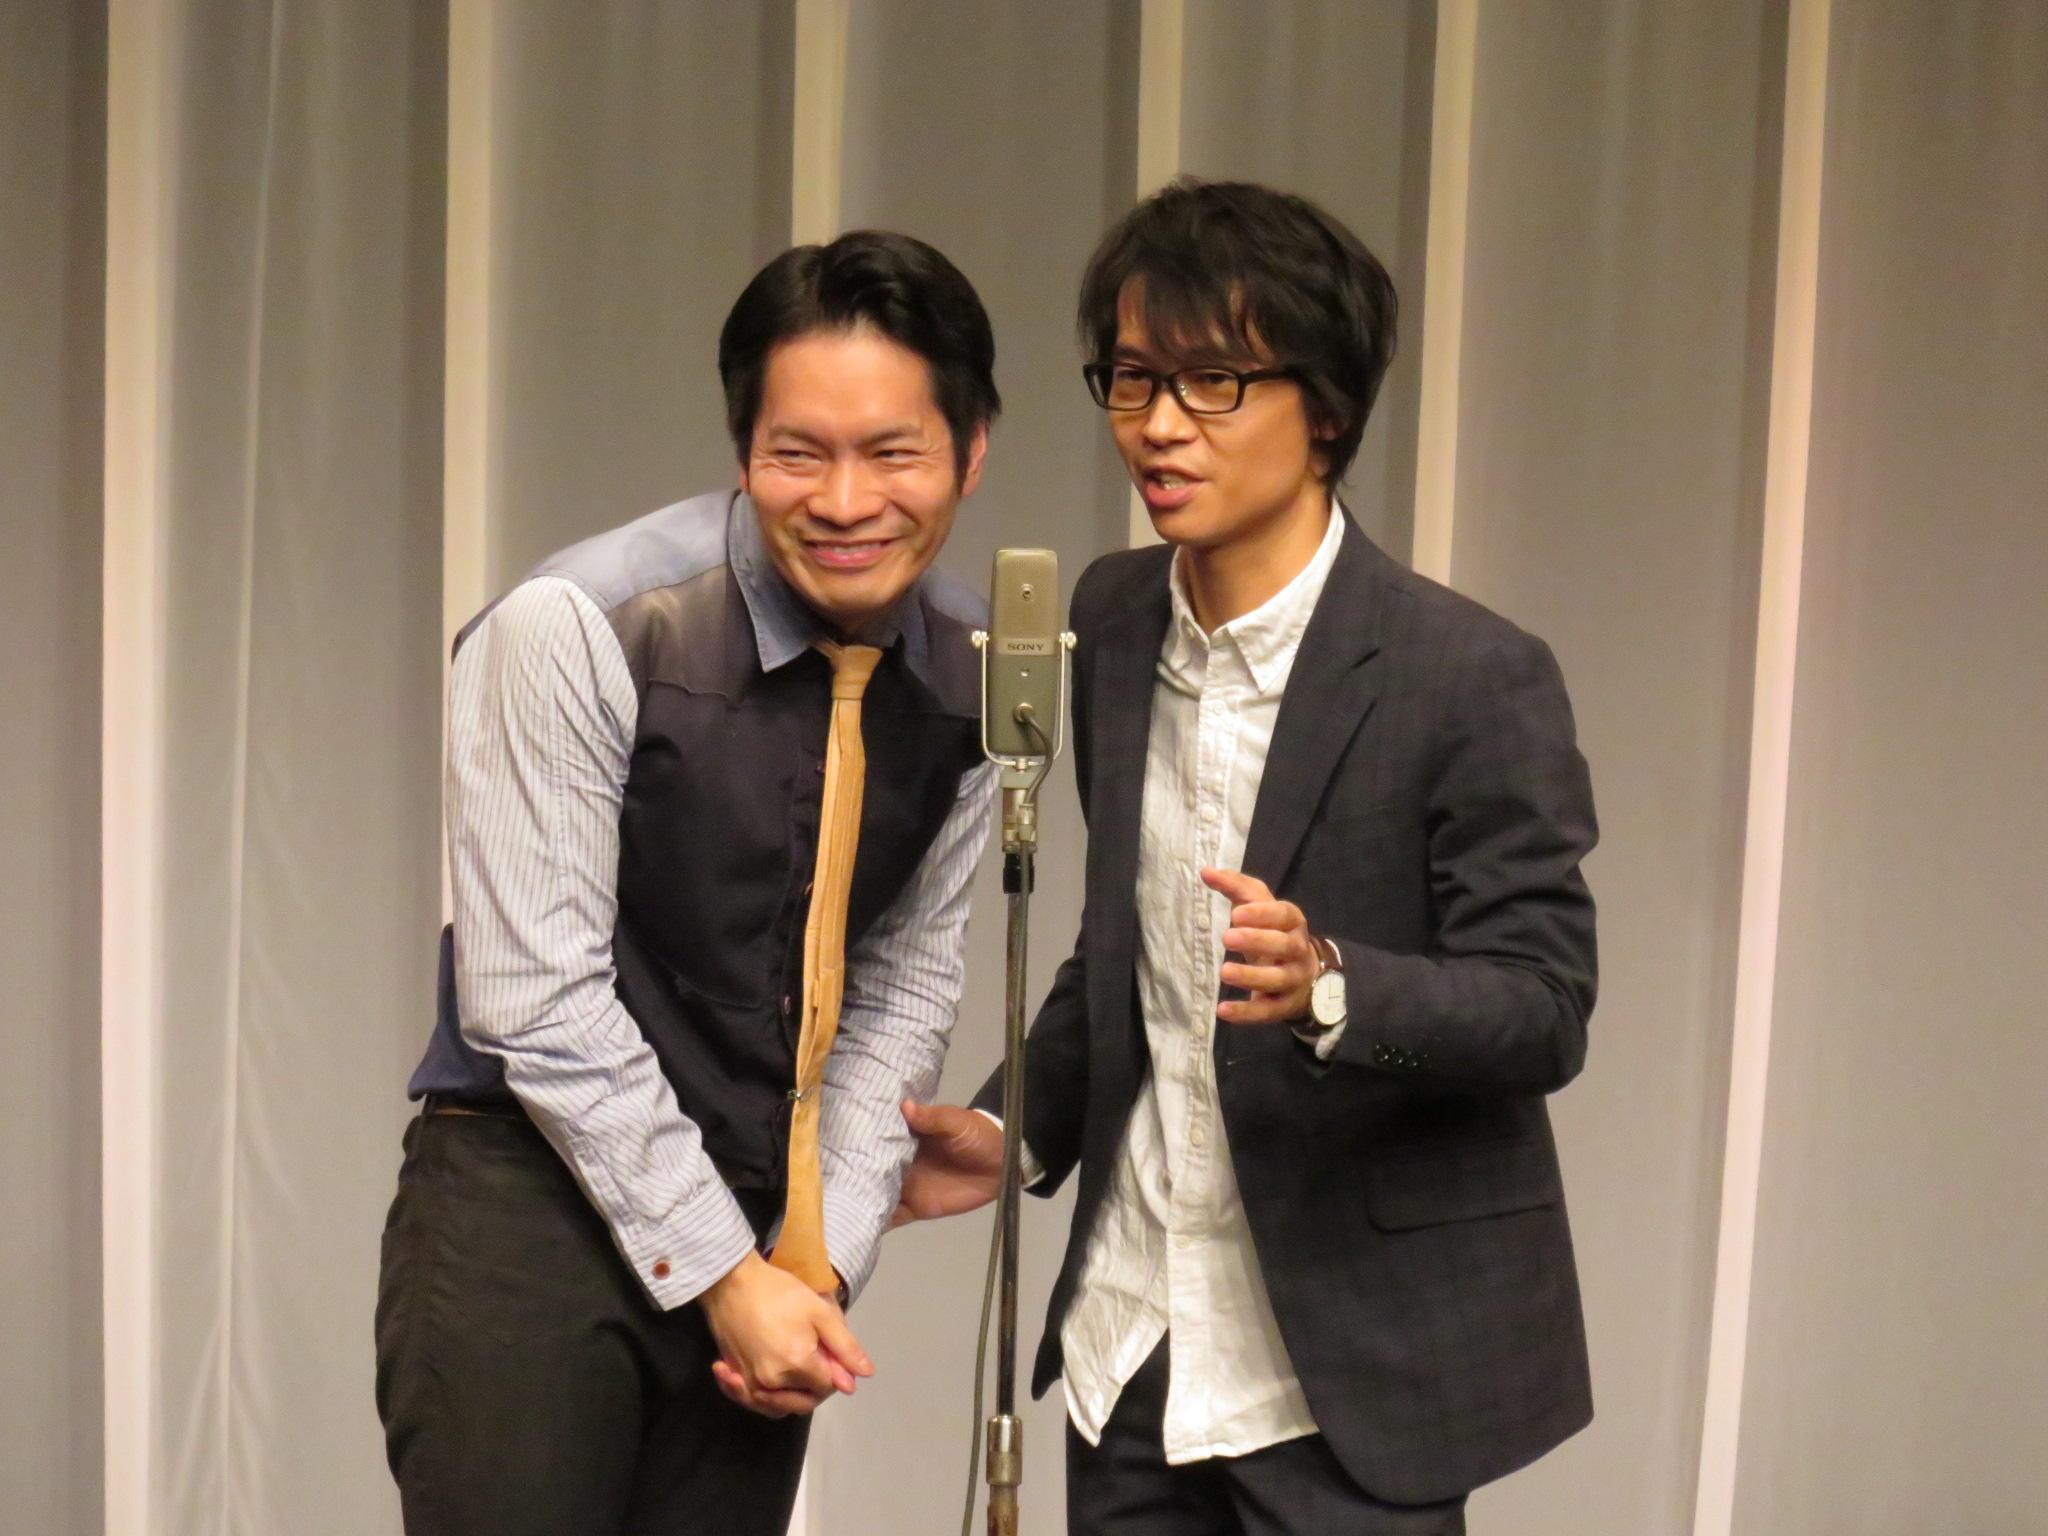 http://news.yoshimoto.co.jp/20181231164502-7bb32923d29edcb6645feb3e0e930a8f662e0dab.jpg